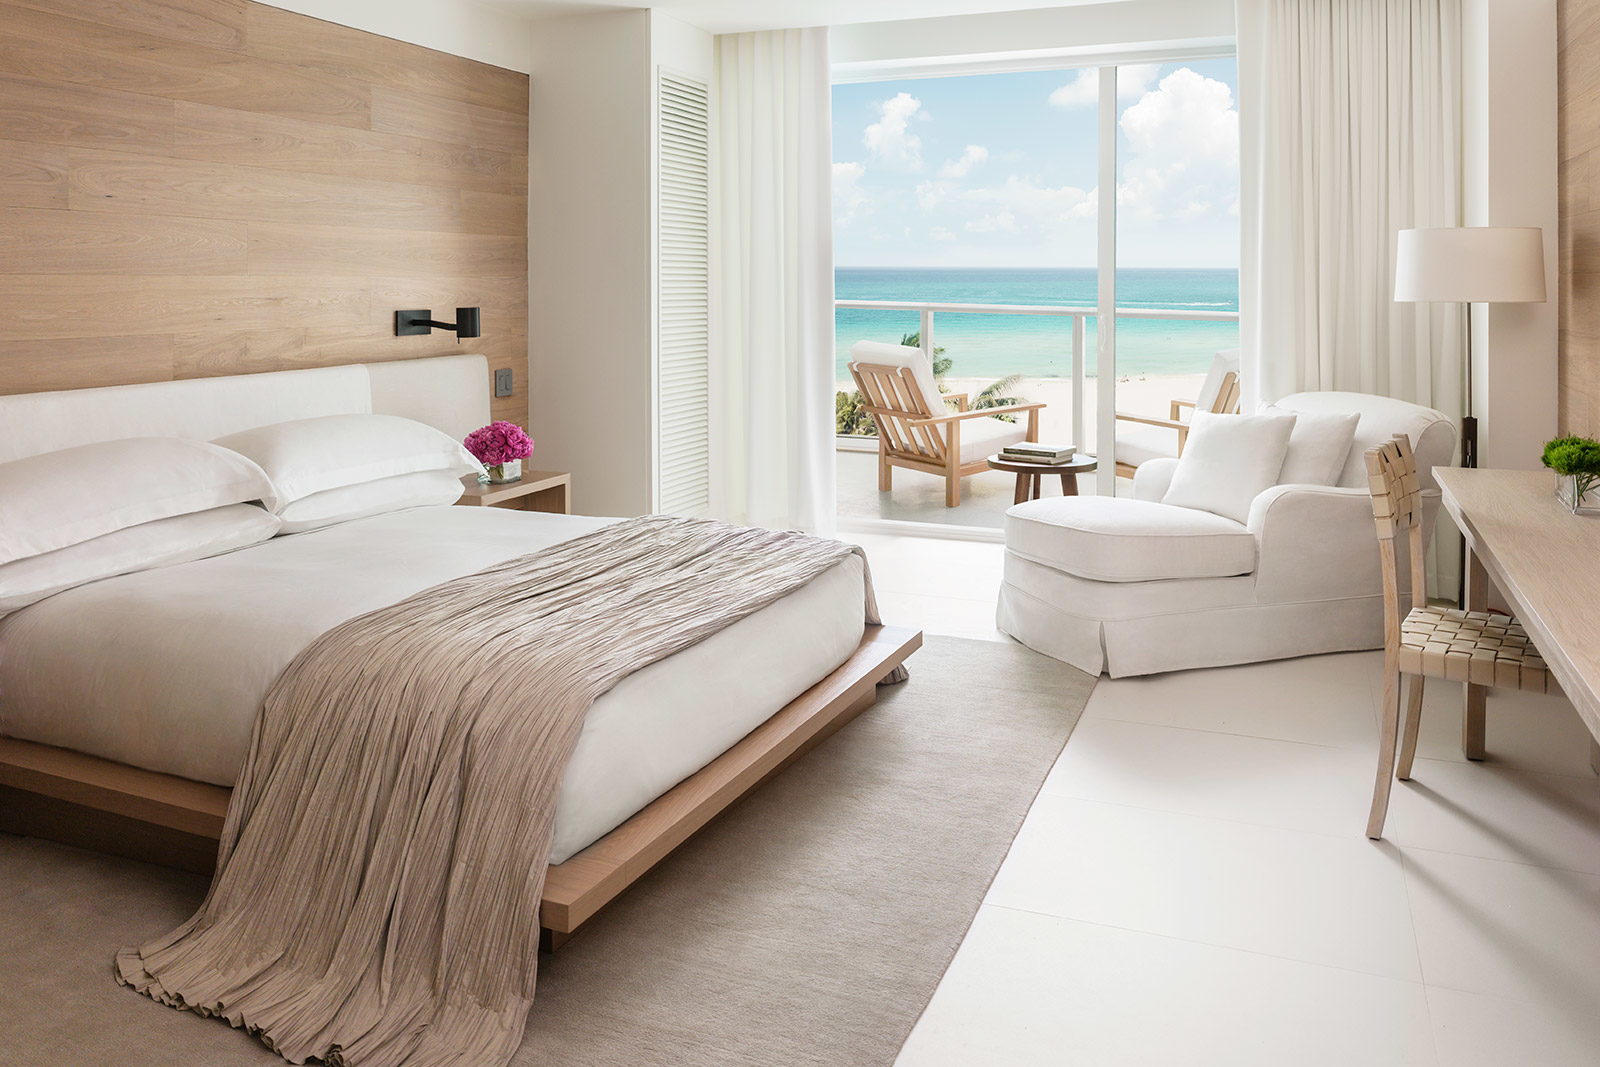 The Miami Beach EDITION image 2